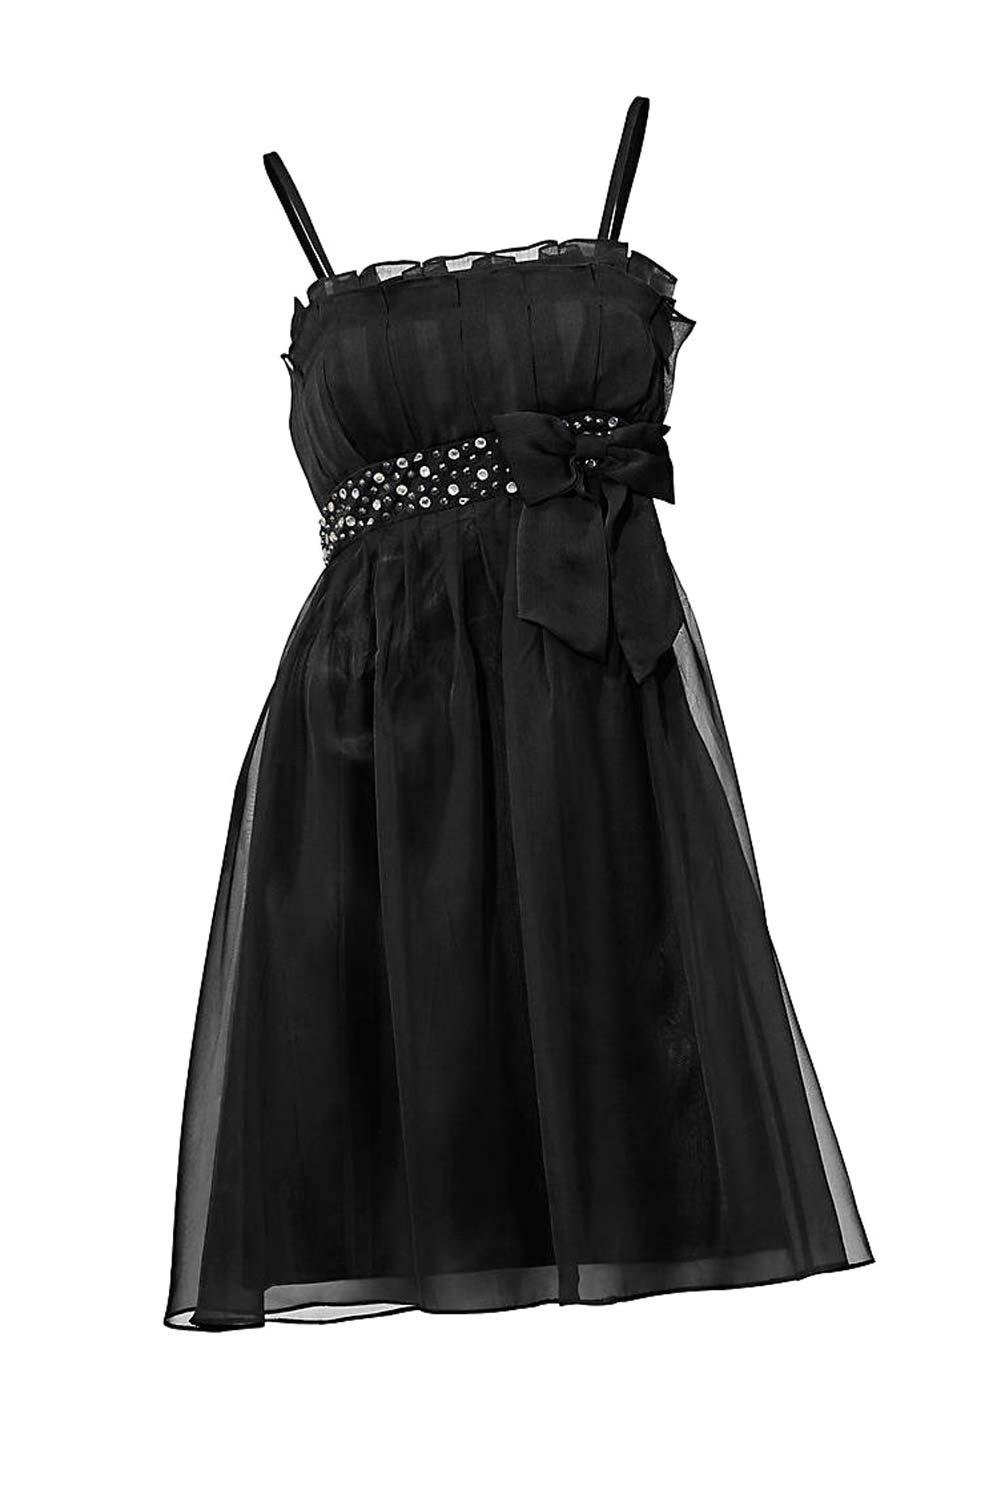 kurzes kleid für besondere anlässe Cocktailkleid m. Strass, schwarz von Ashley Brooke event Grösse 44 079.313 Missforty